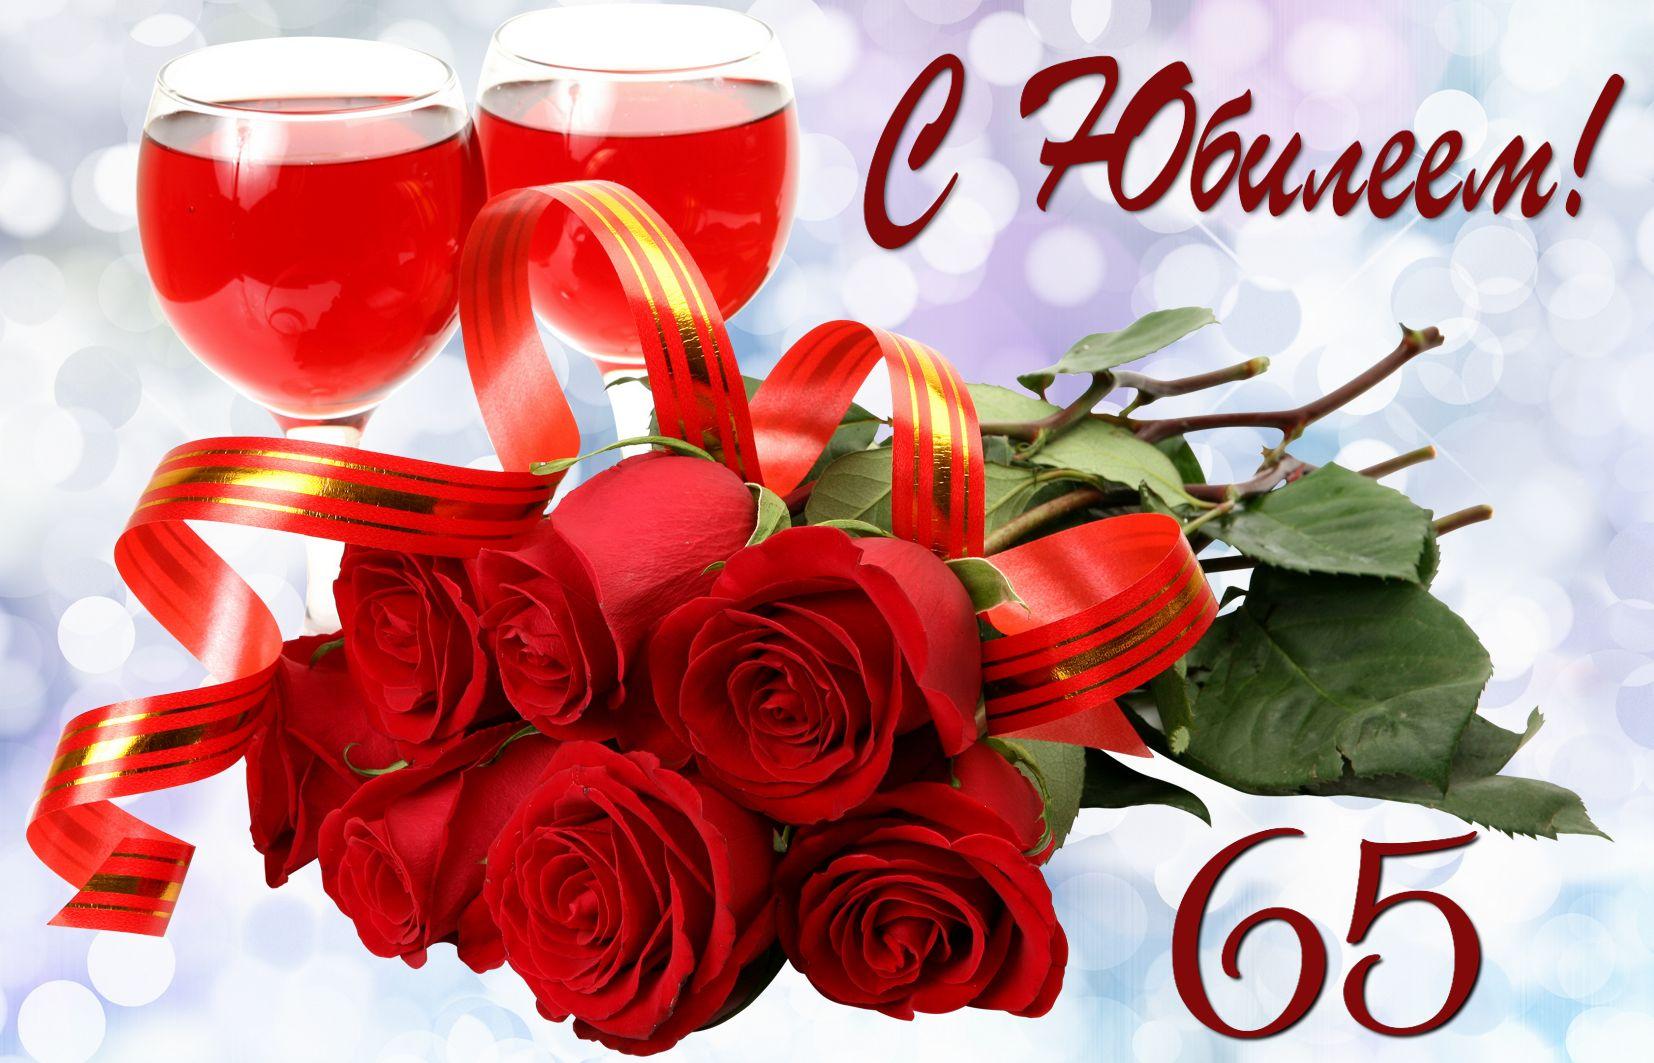 Открытка на юбилей 65 лет - букет роз и бокалы красного вина